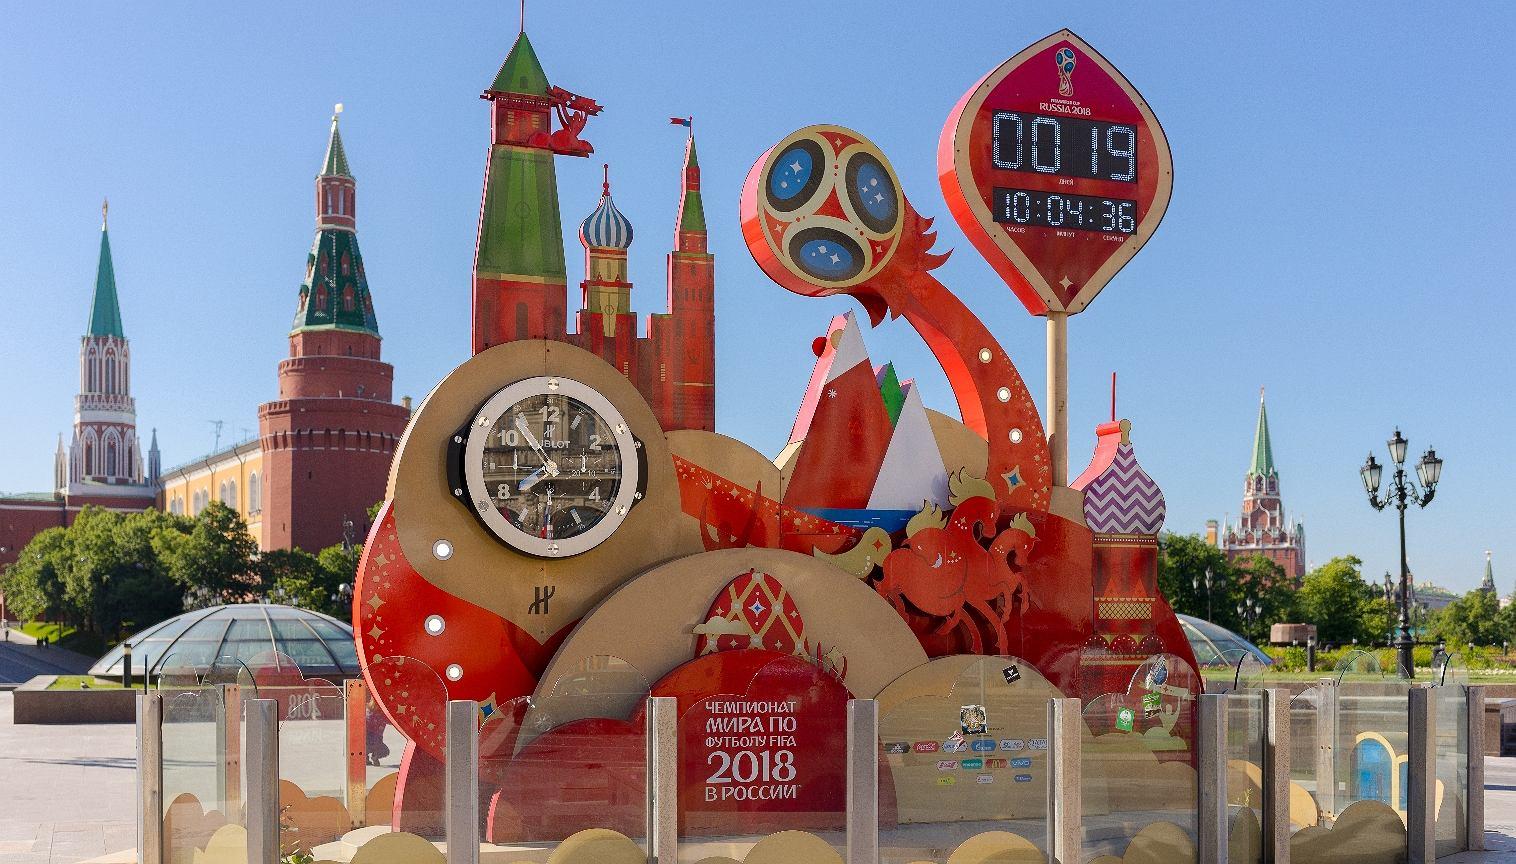 Mundial w Rosji rozpoczyna się 14 czerwca